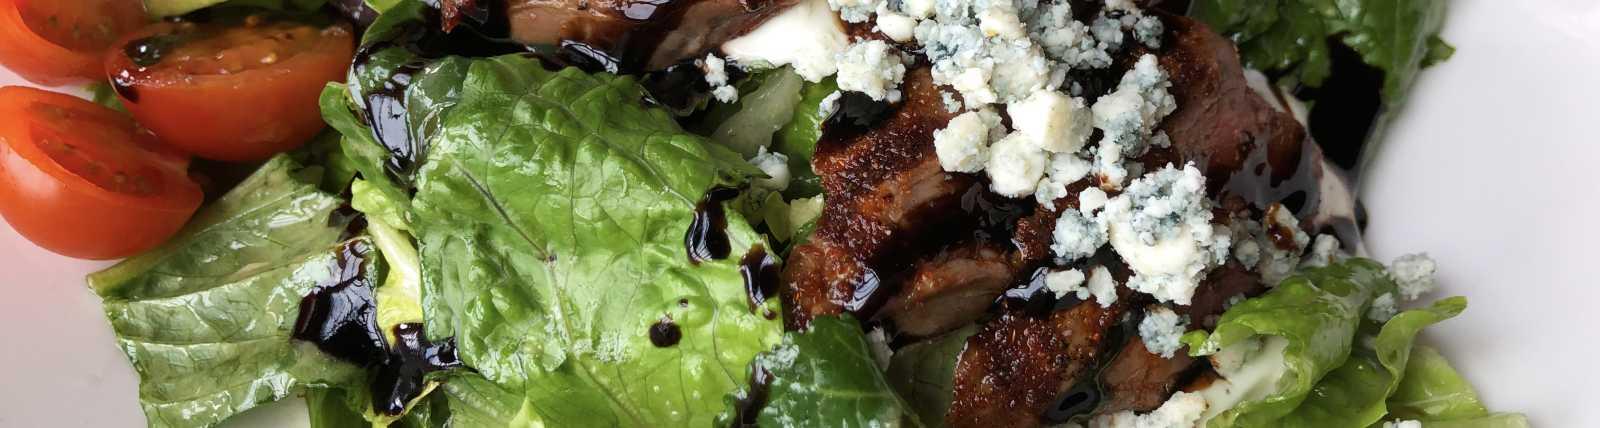 Double R Ranch Signature Steak Salad